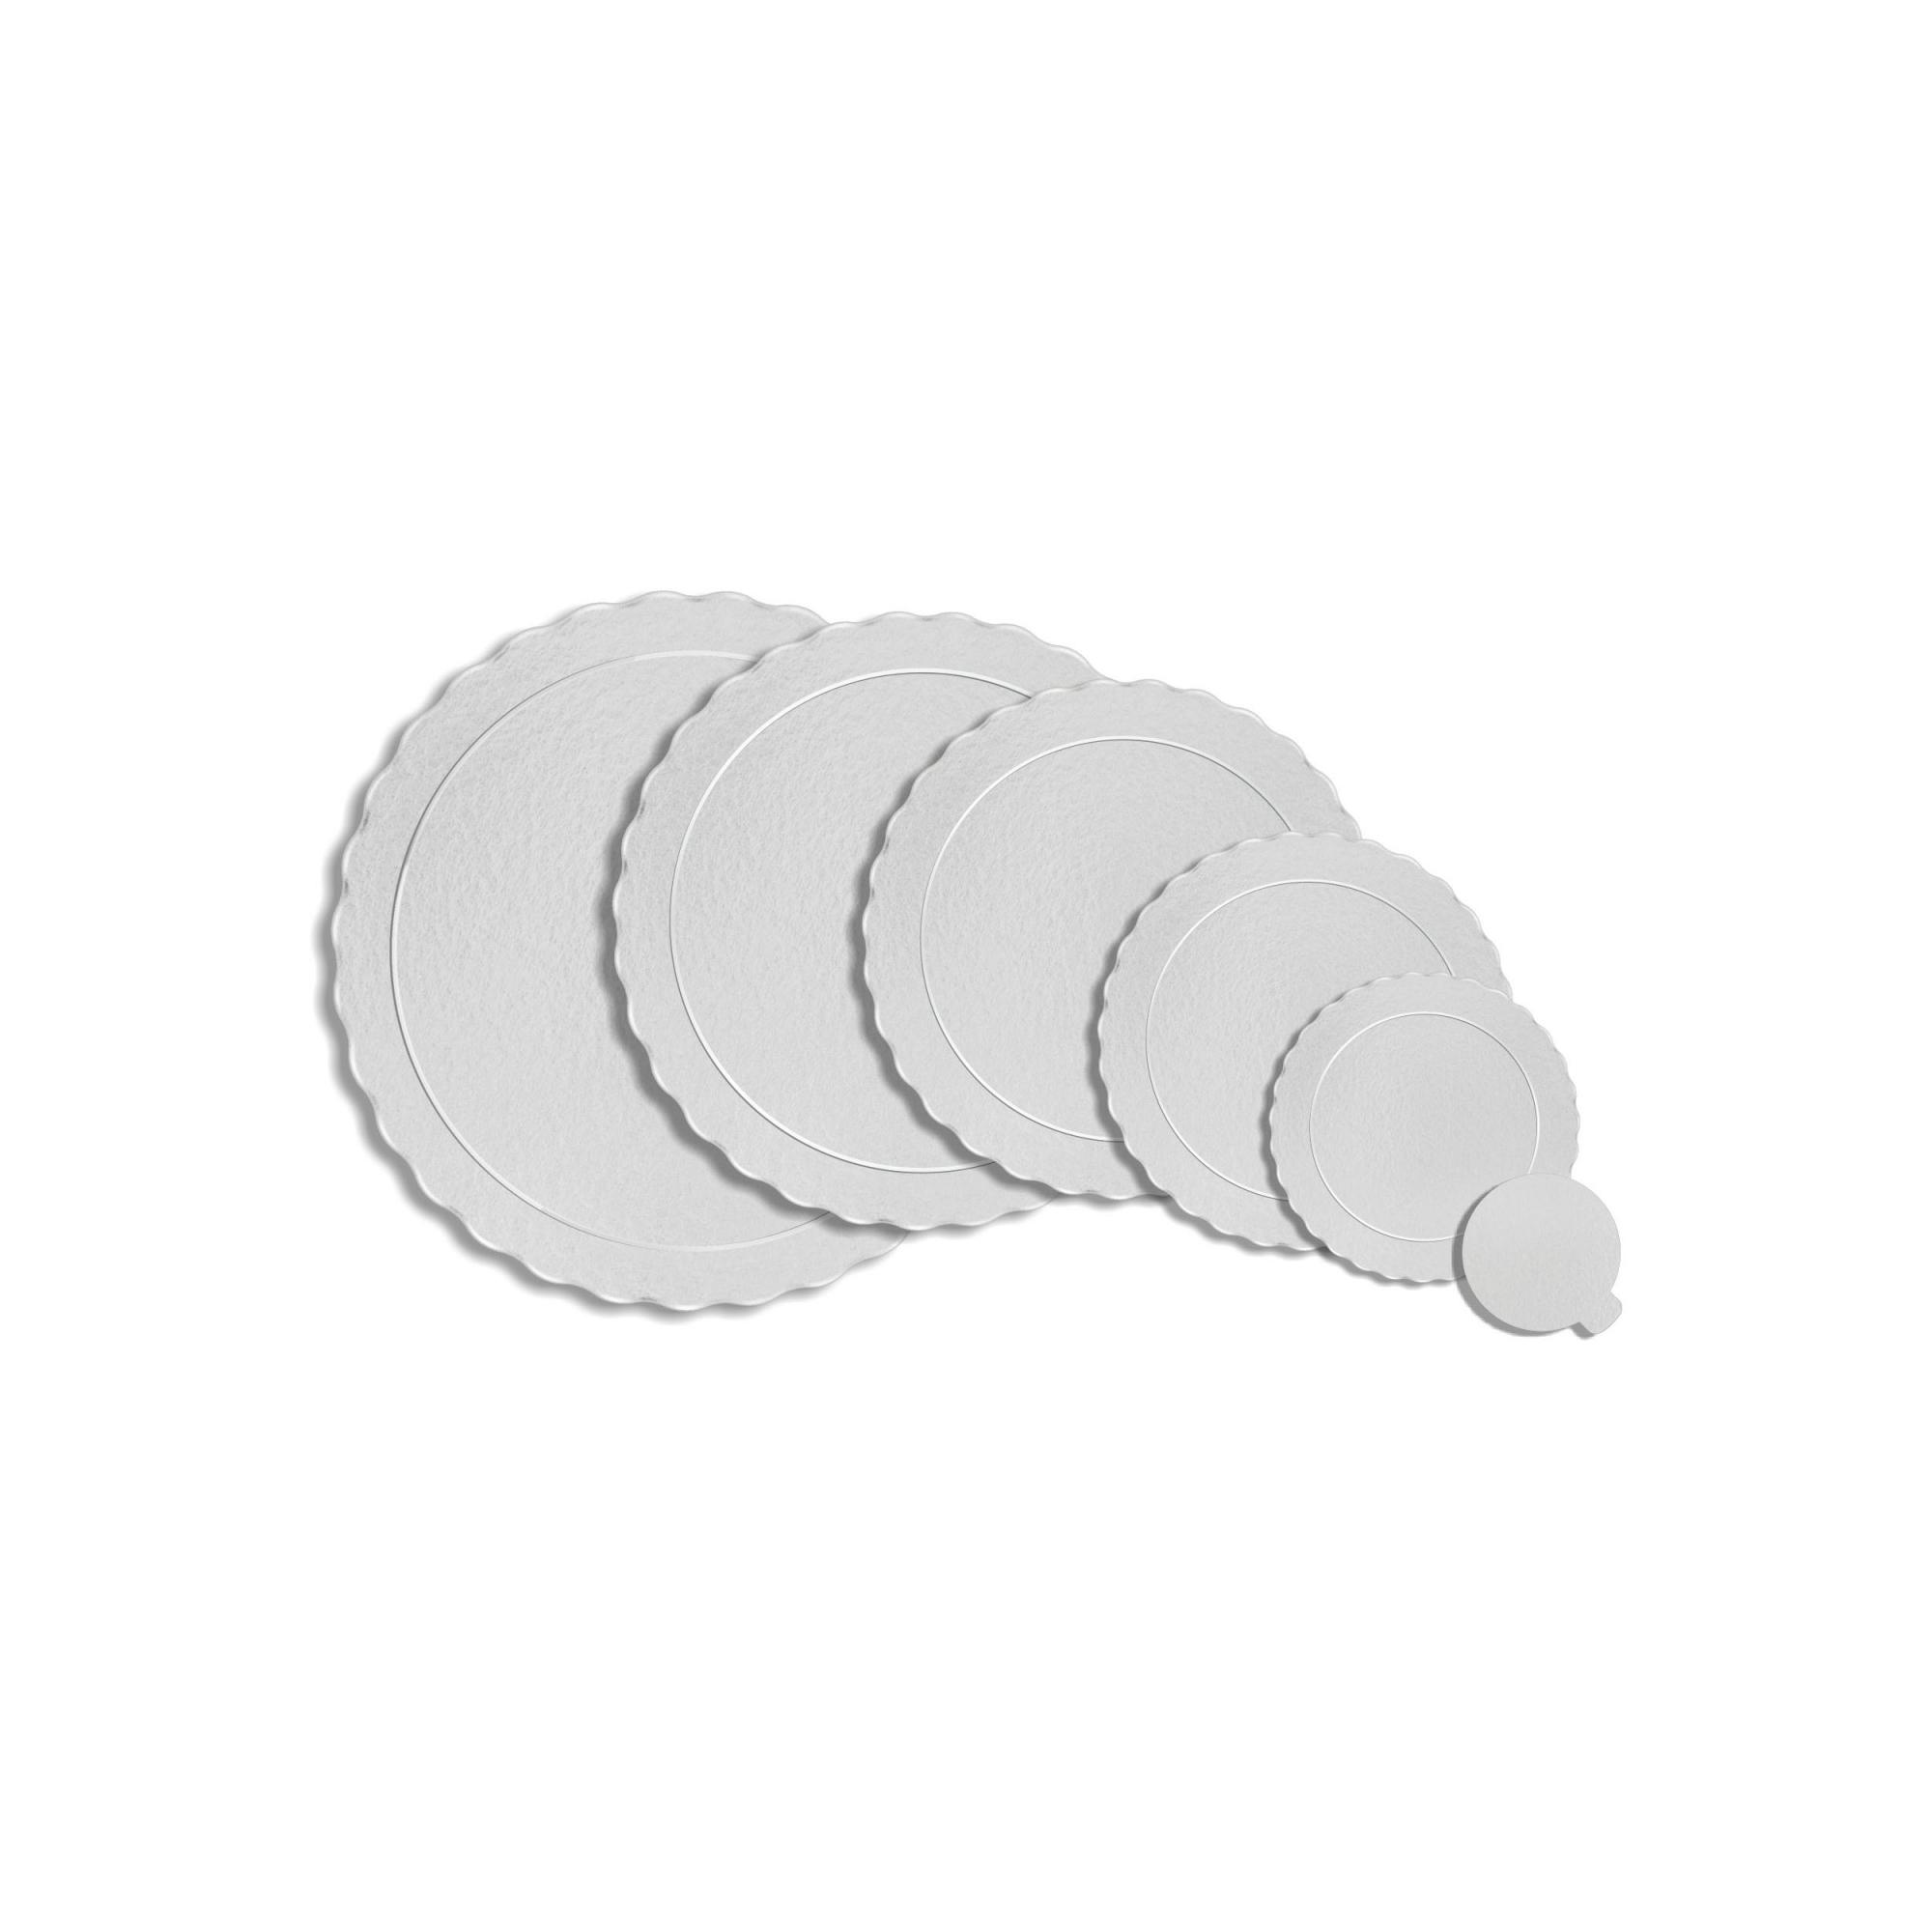 60 Bases Laminadas, Suporte P/ Bolo, Cake Board, Kit 25, 30 e 35cm - Branca